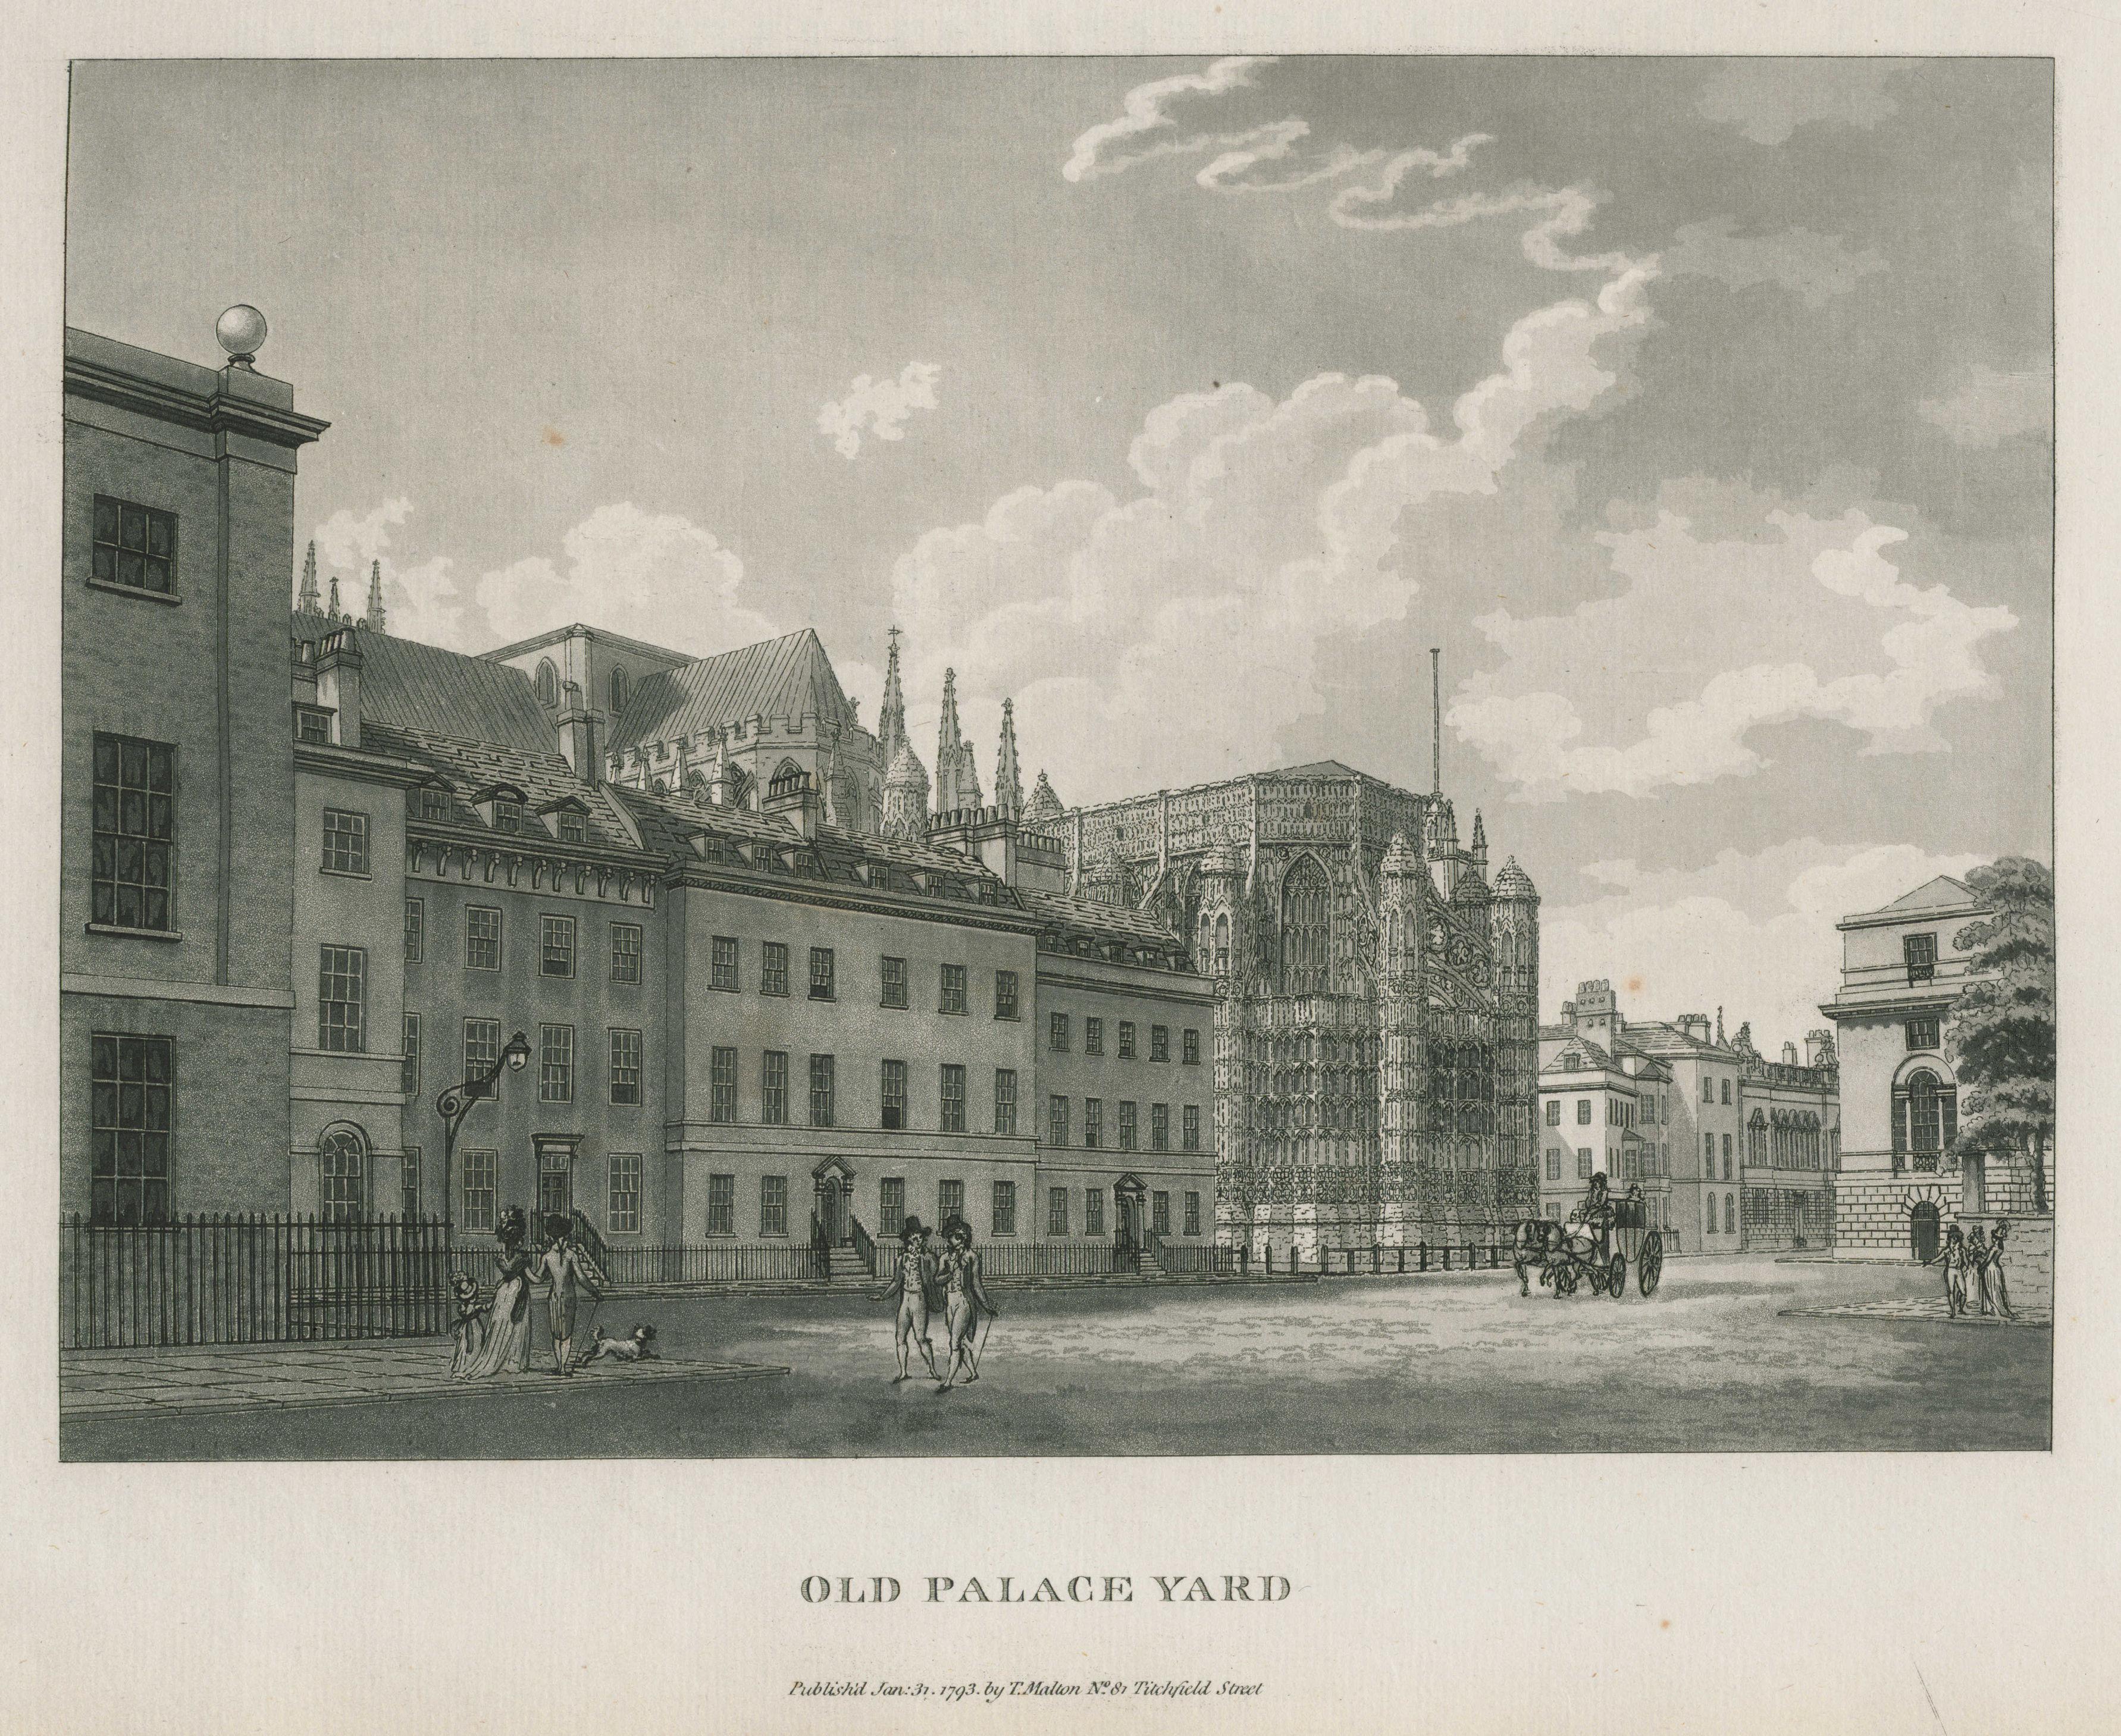 005 - Malton - Old Palace Yard